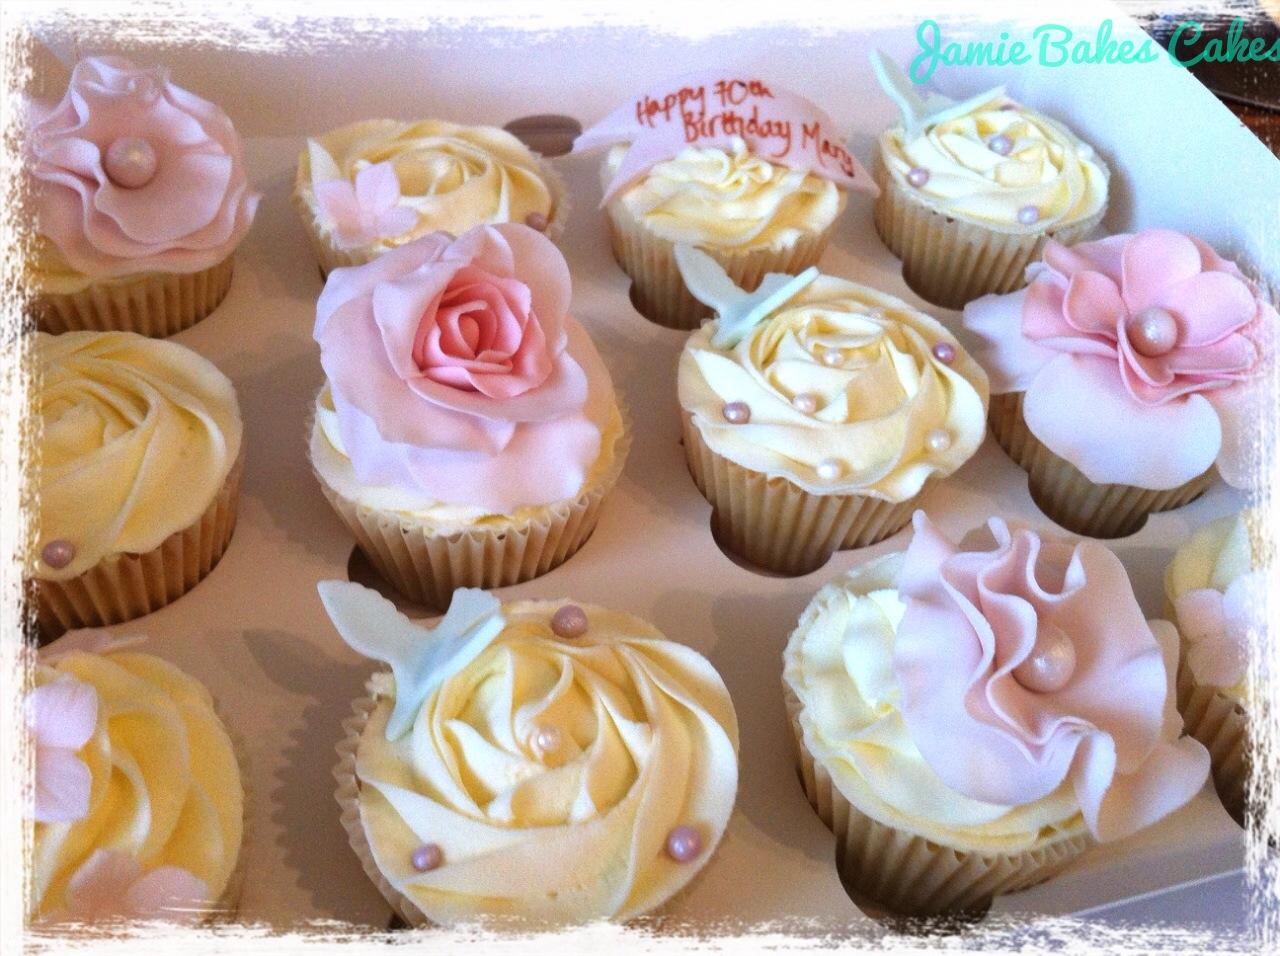 Jamie Bakes Cakes